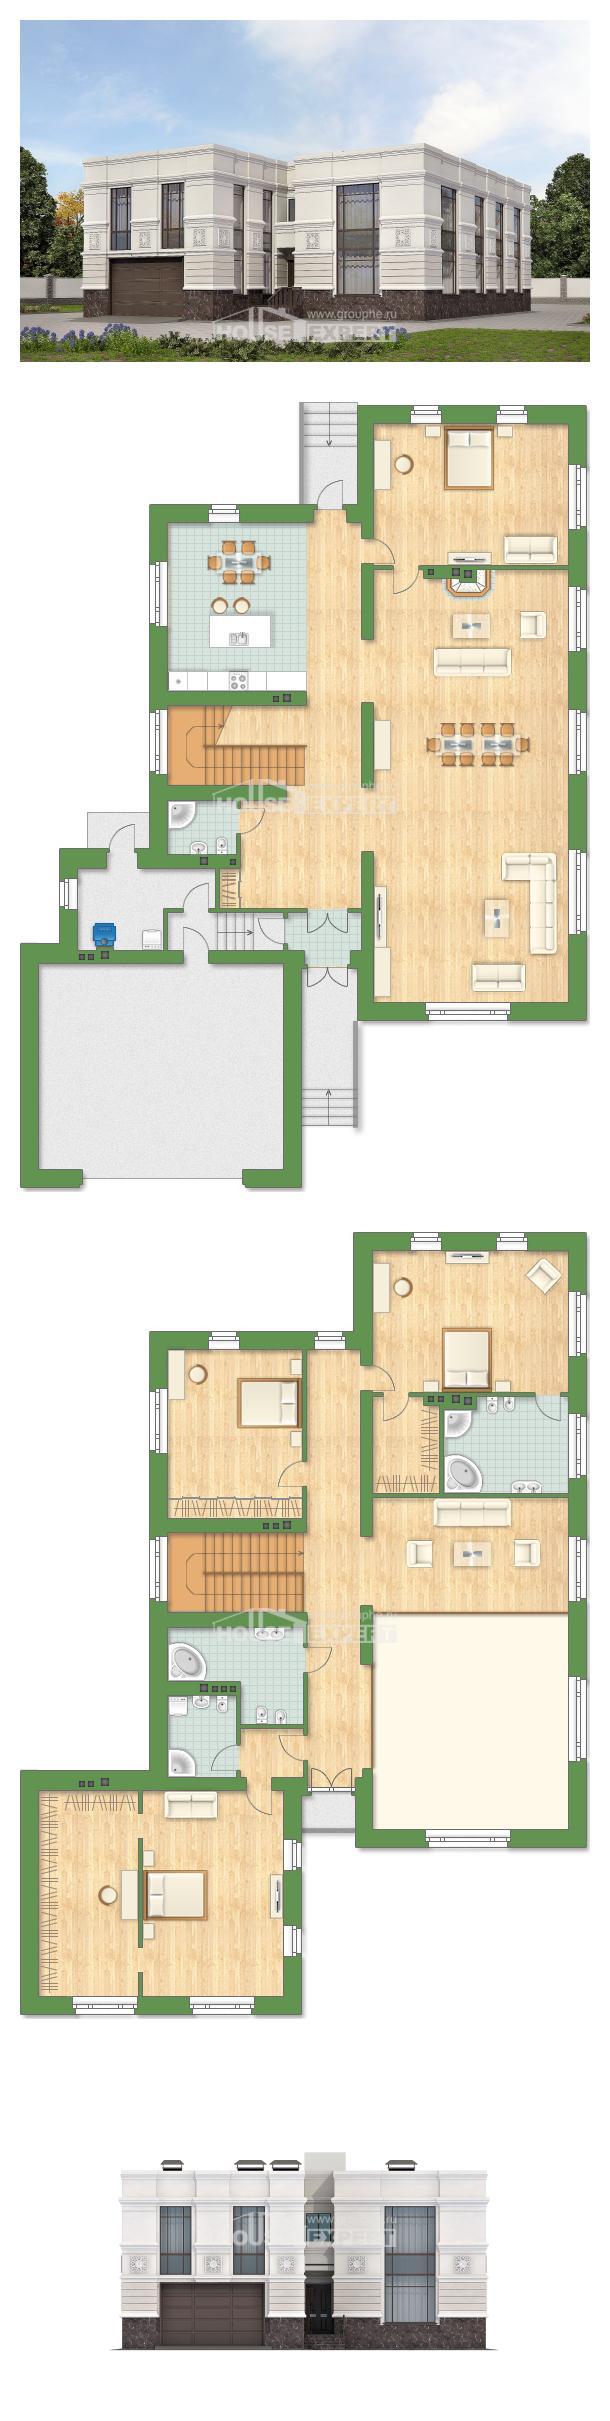 Plan 400-005-L   House Expert